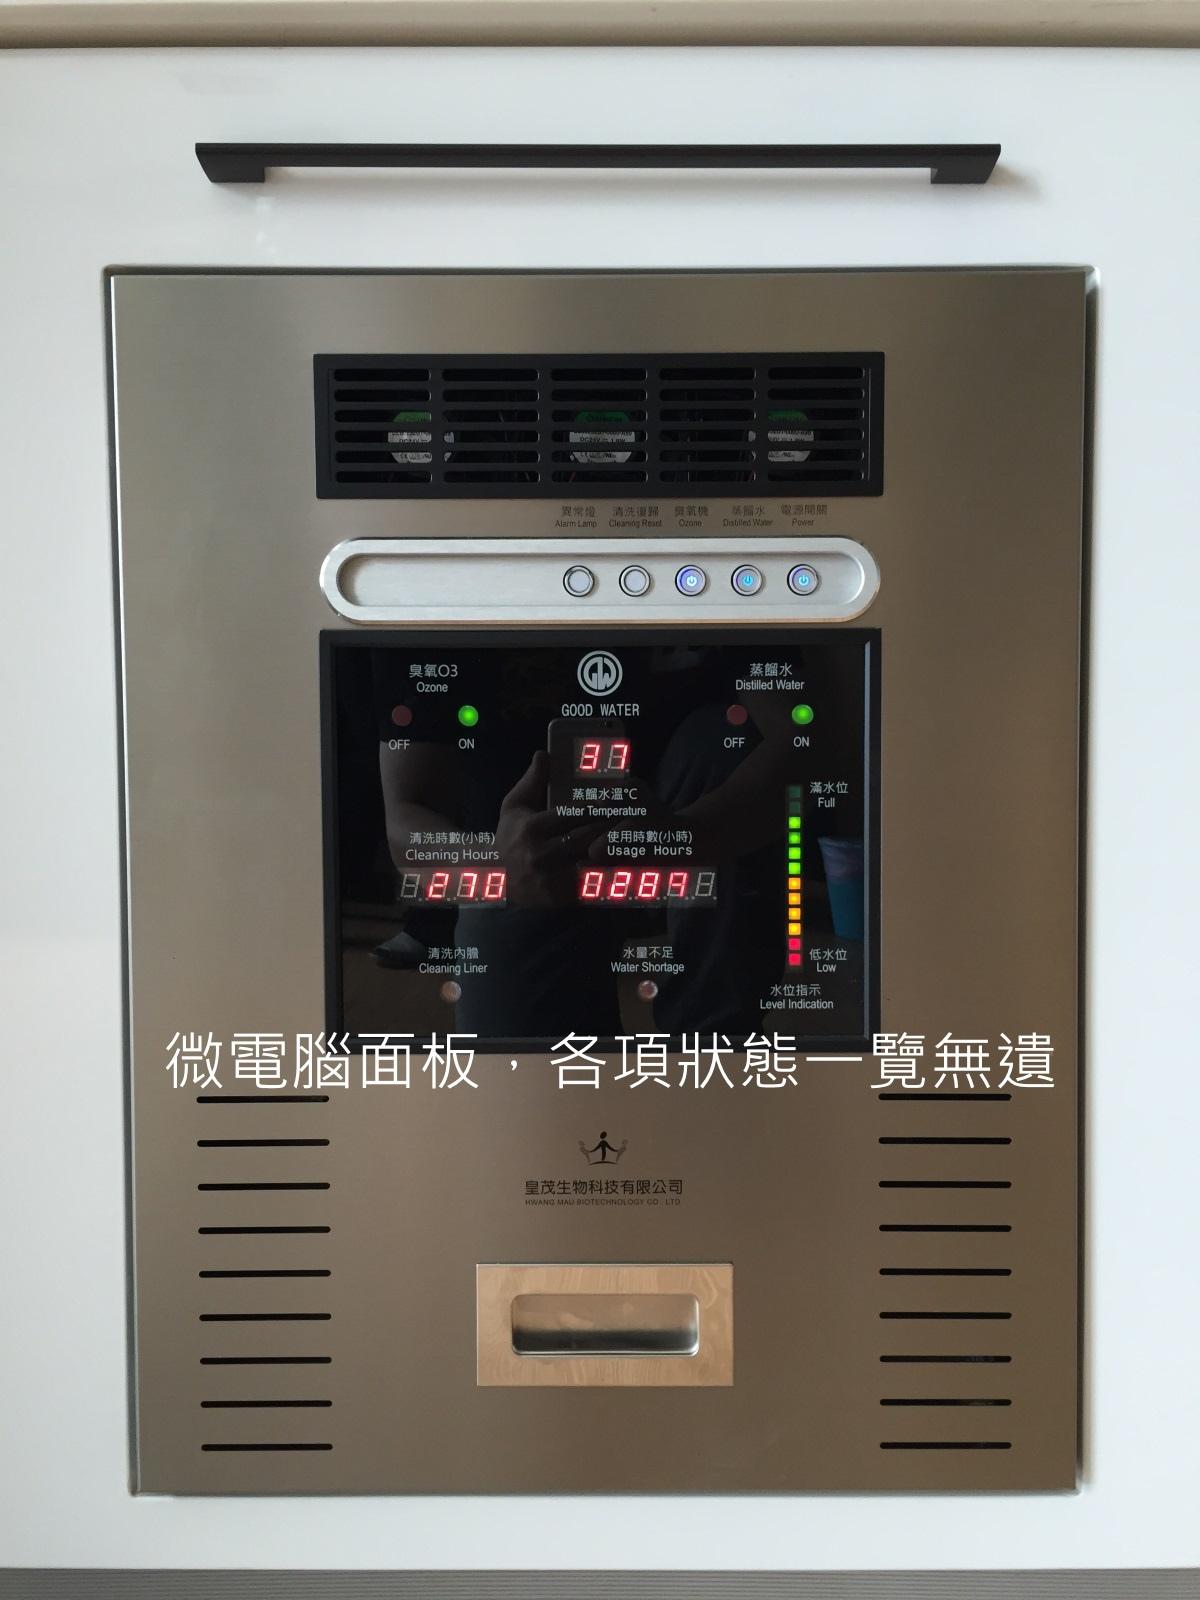 [新聞活動] 皇茂生技蒸餾臭氧機2015-05-29 003.jpg